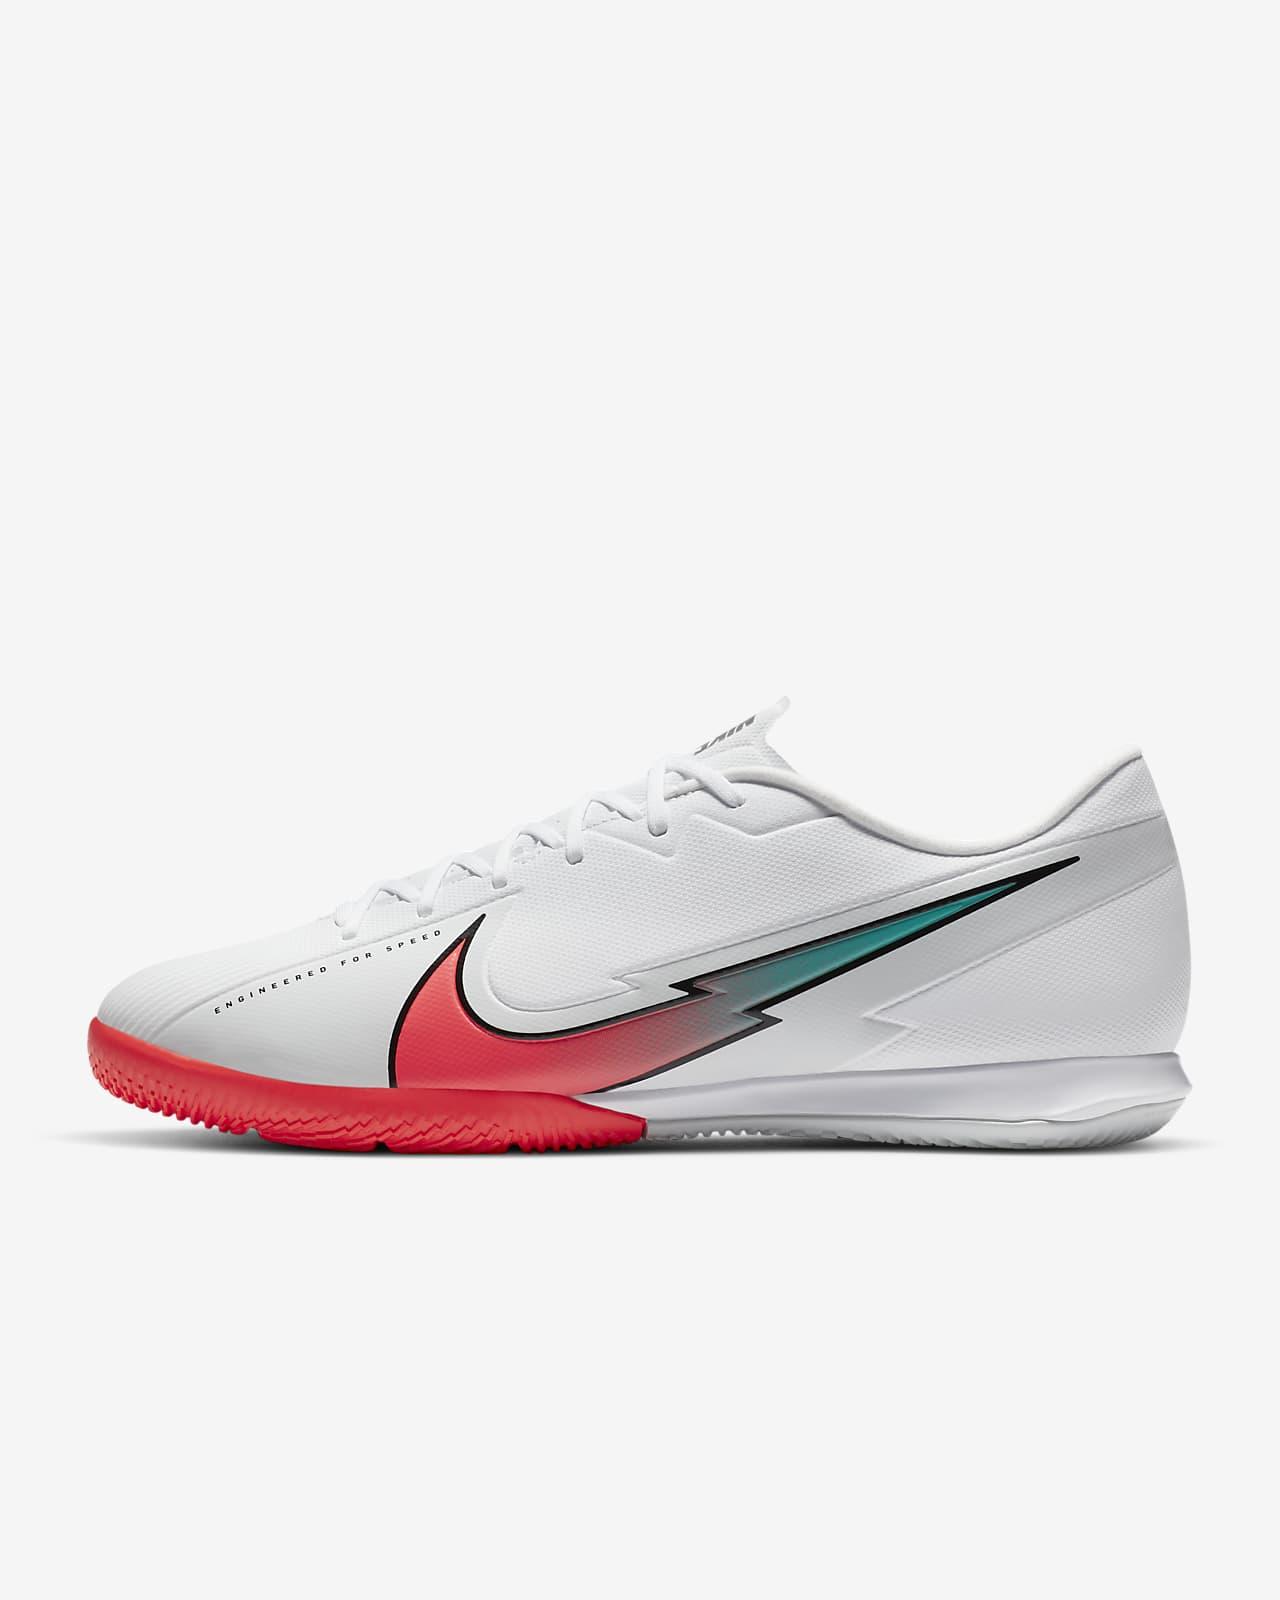 Fotbollssko Nike Mercurial Vapor 13 Academy IC för inomhusplan/futsal/street